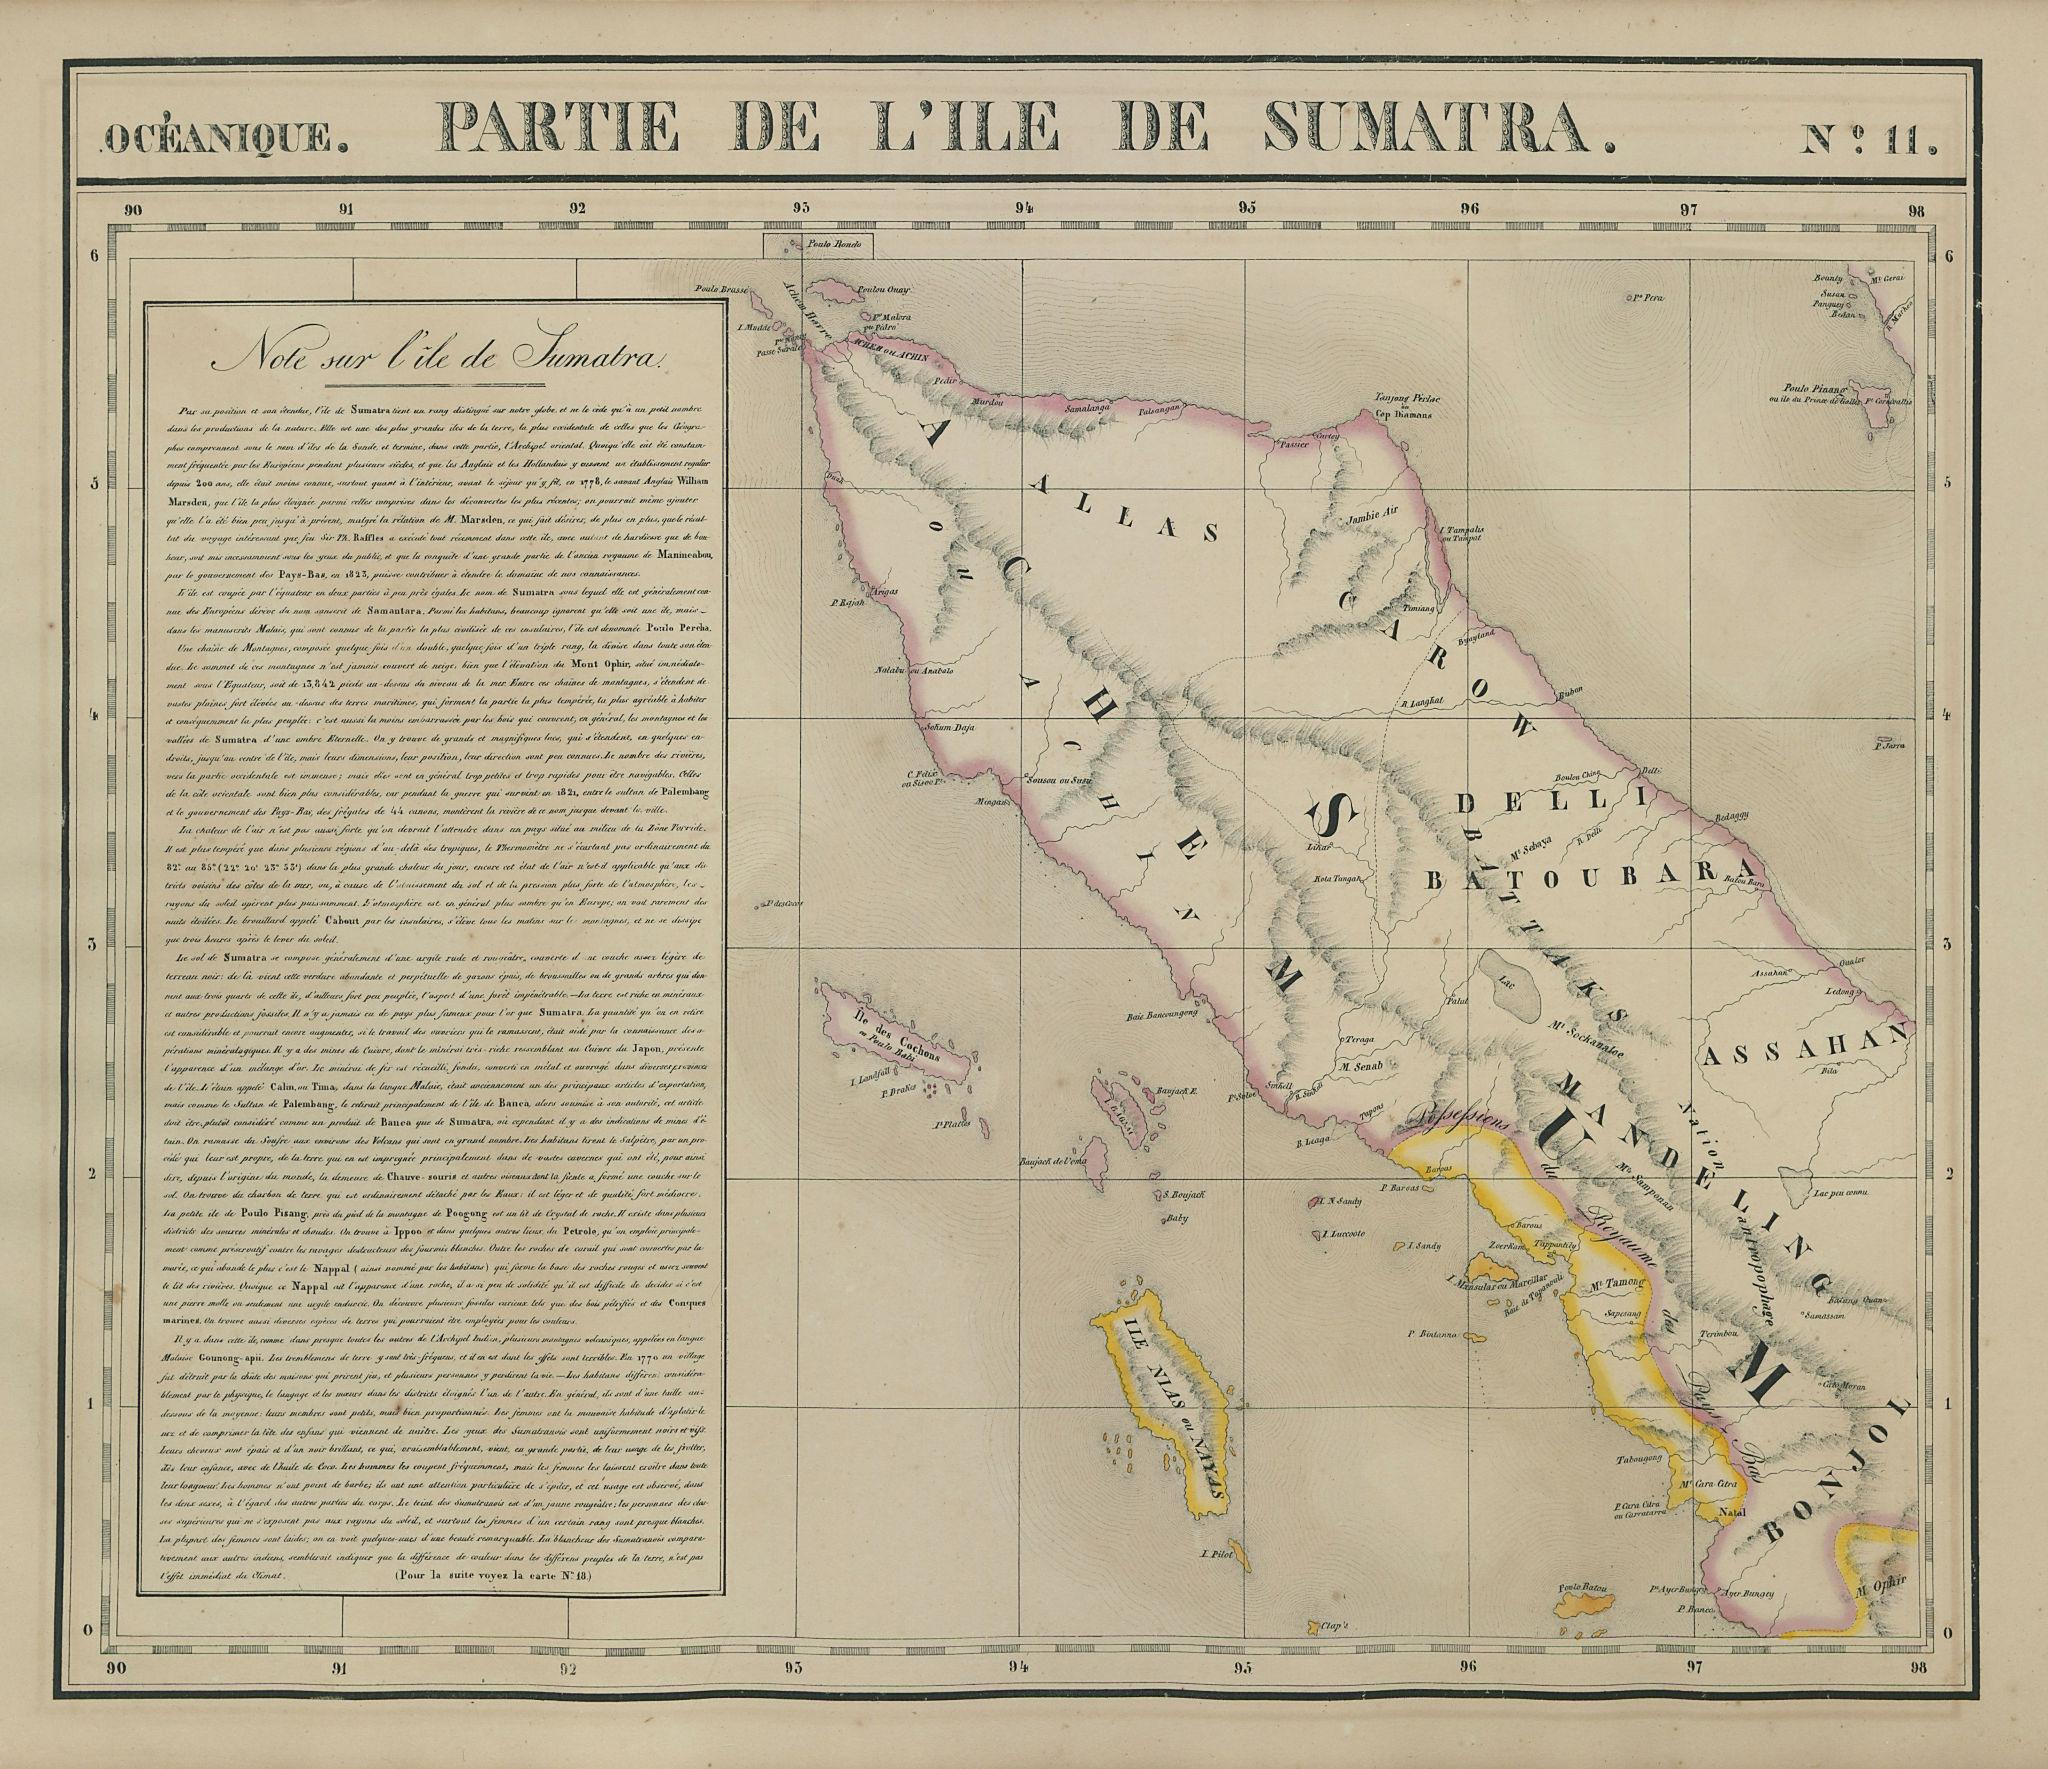 Océanique. Partie de l'Ile de Sumatra #11. North Sumatra. VANDERMAELEN 1827 map